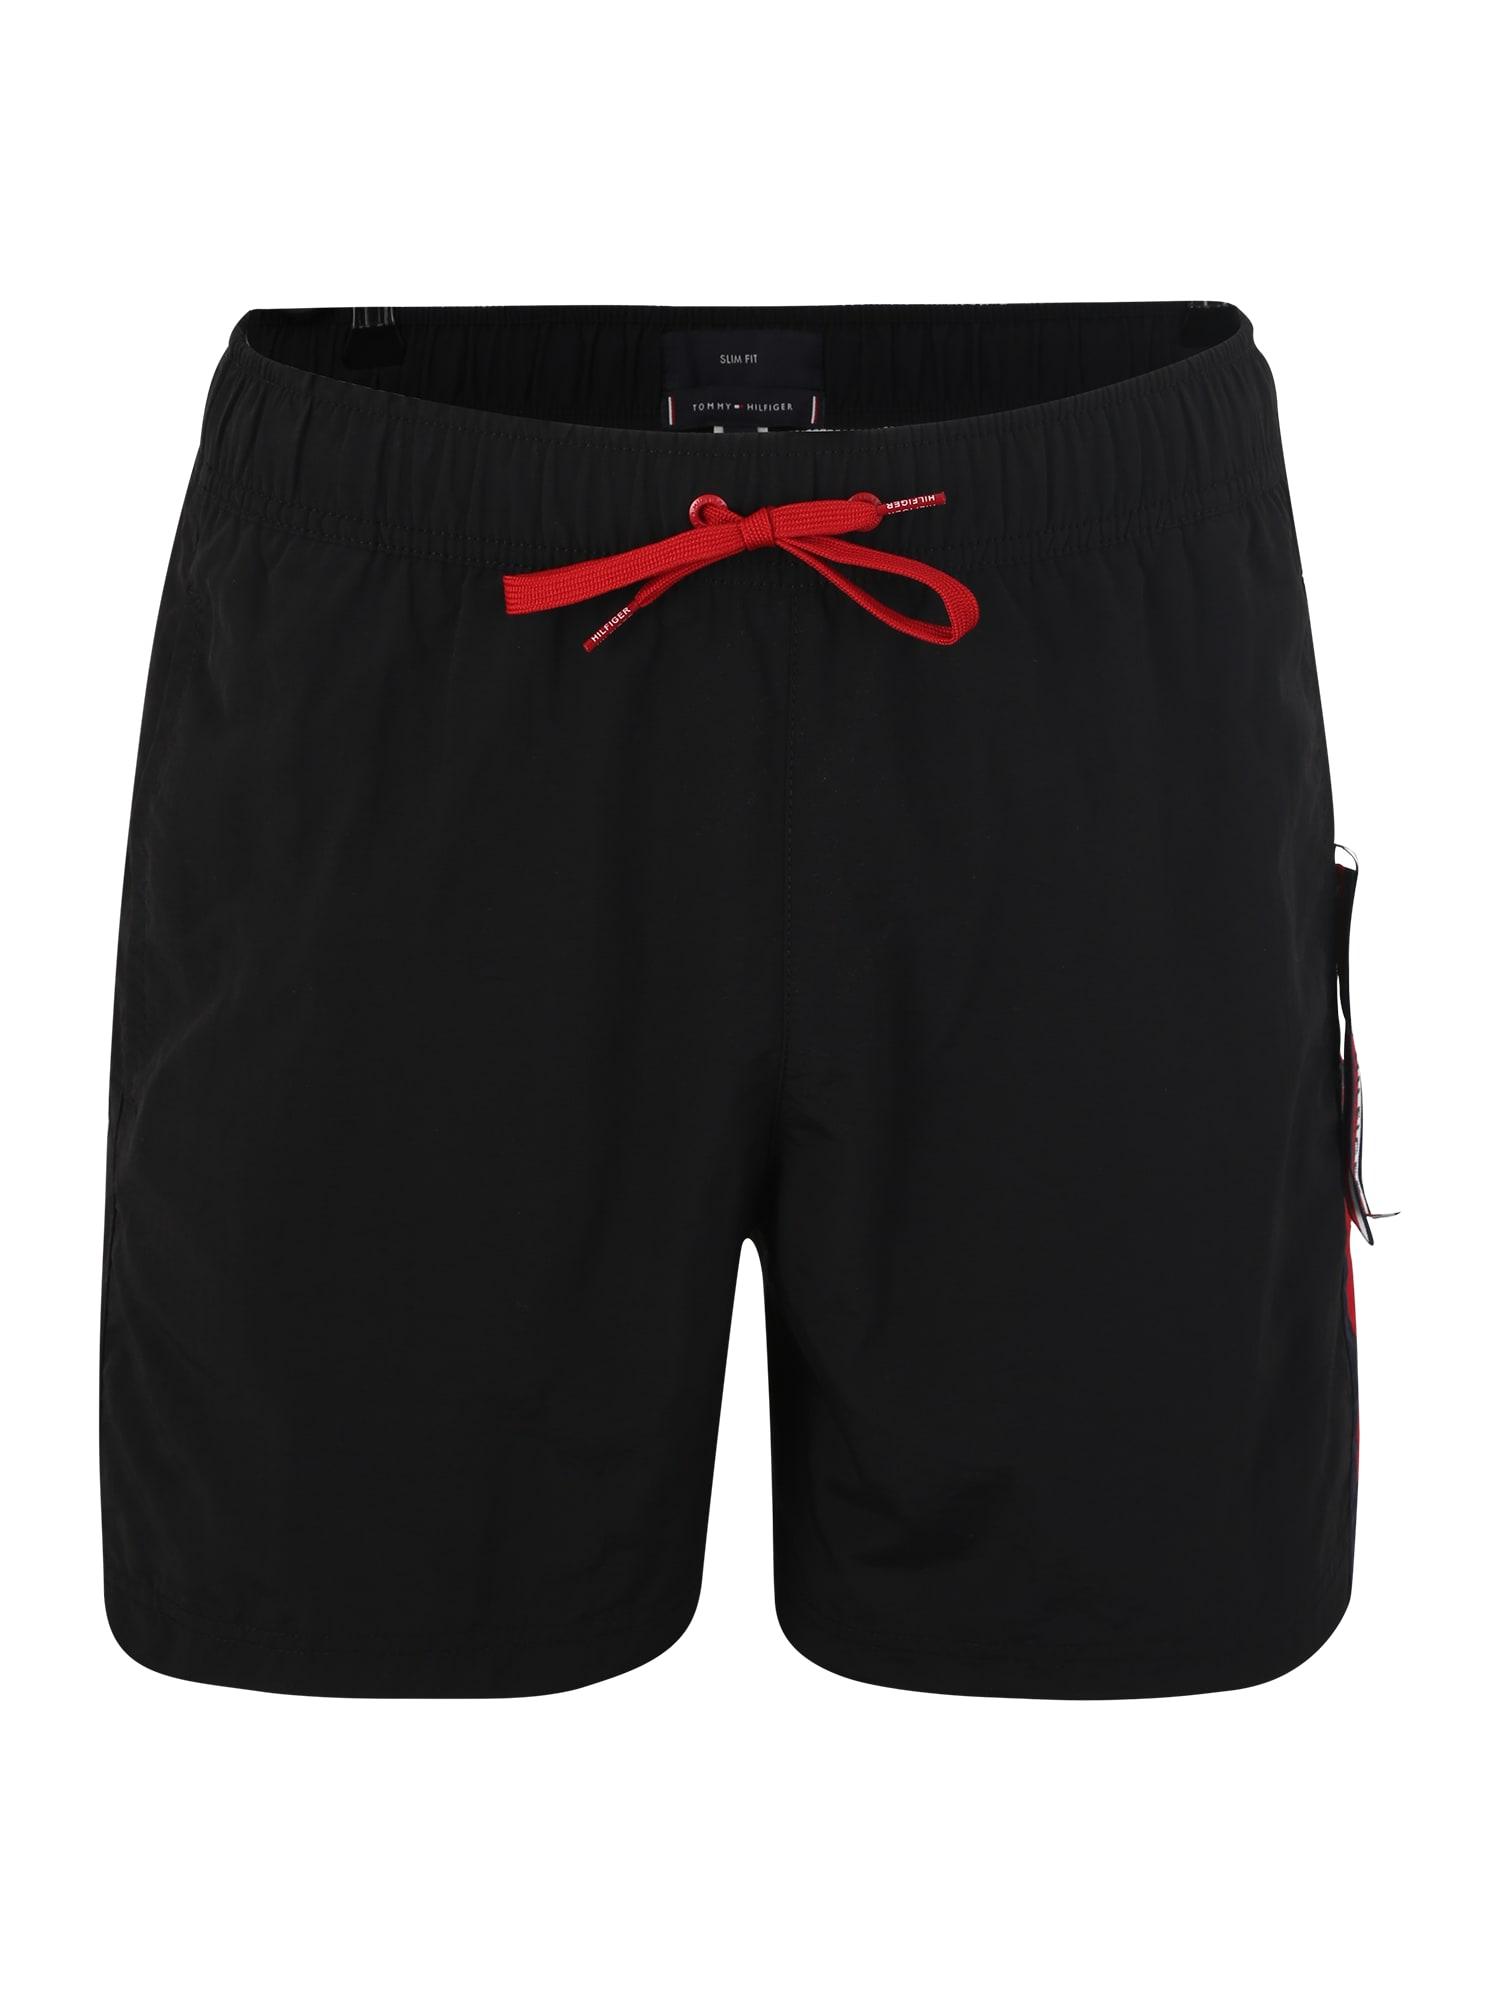 Plavecké šortky SF MEDIUM DRAWSTRING černá Tommy Hilfiger Underwear